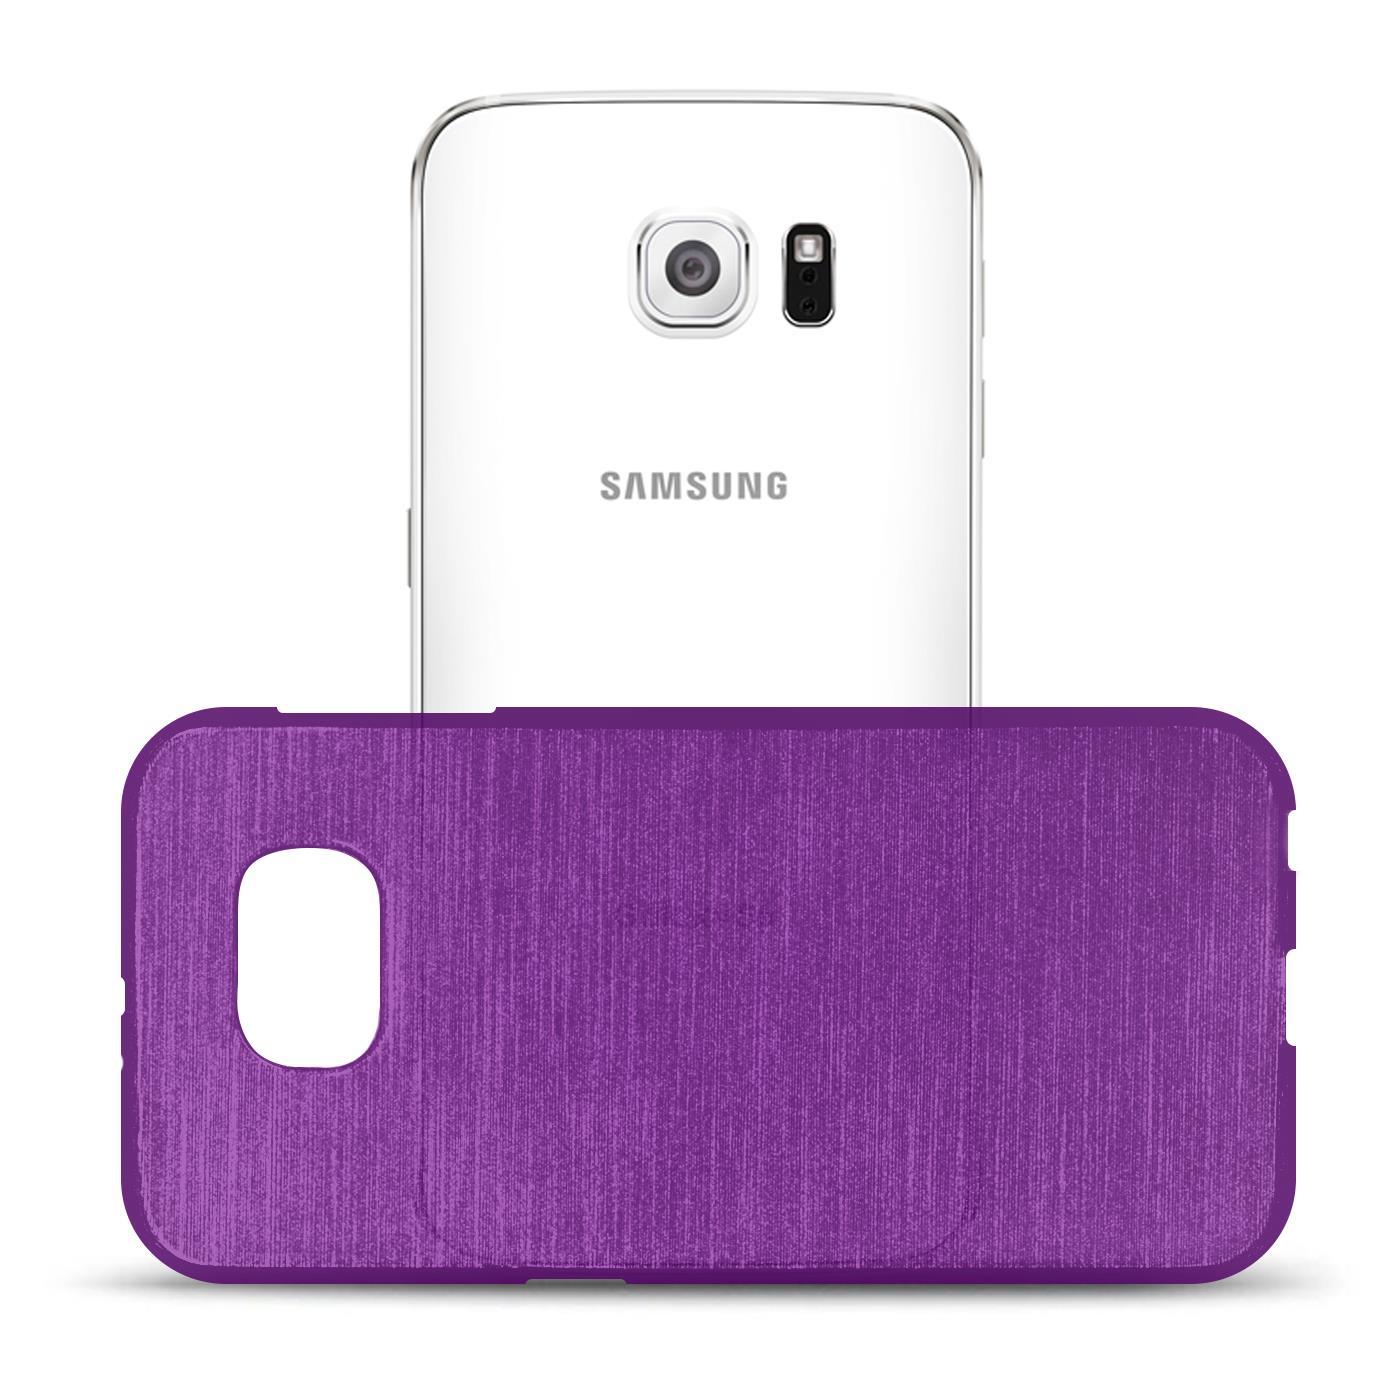 Silikon-Bumper-Case-fuer-Samsung-Galaxy-s6-duenne-ultra-slim-Stossfeste-Rueckschale Indexbild 28